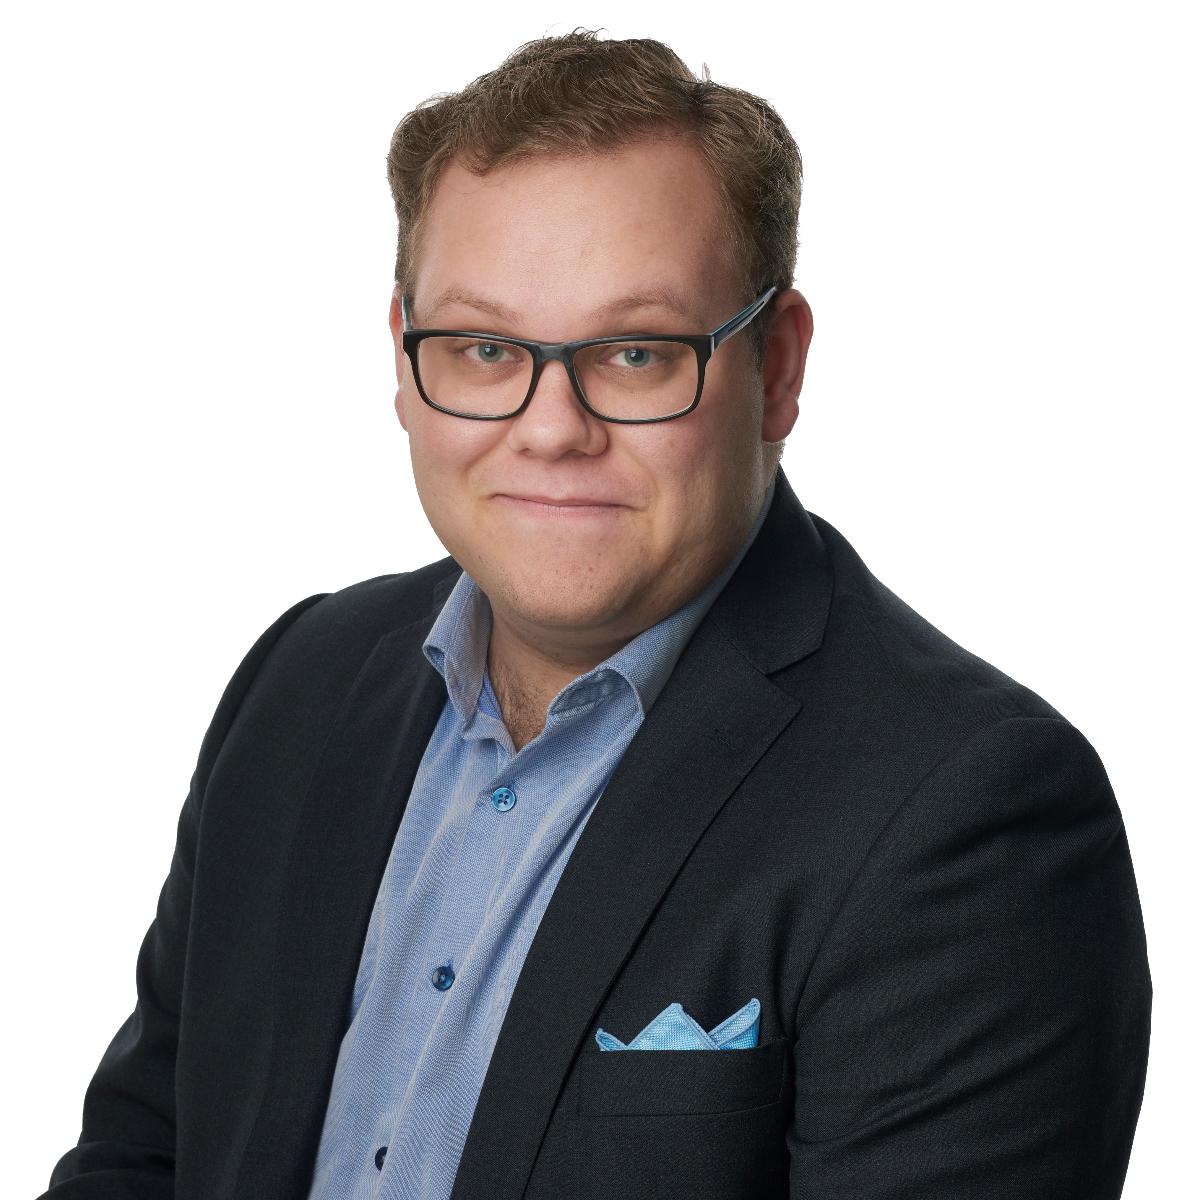 Simon Sjögren